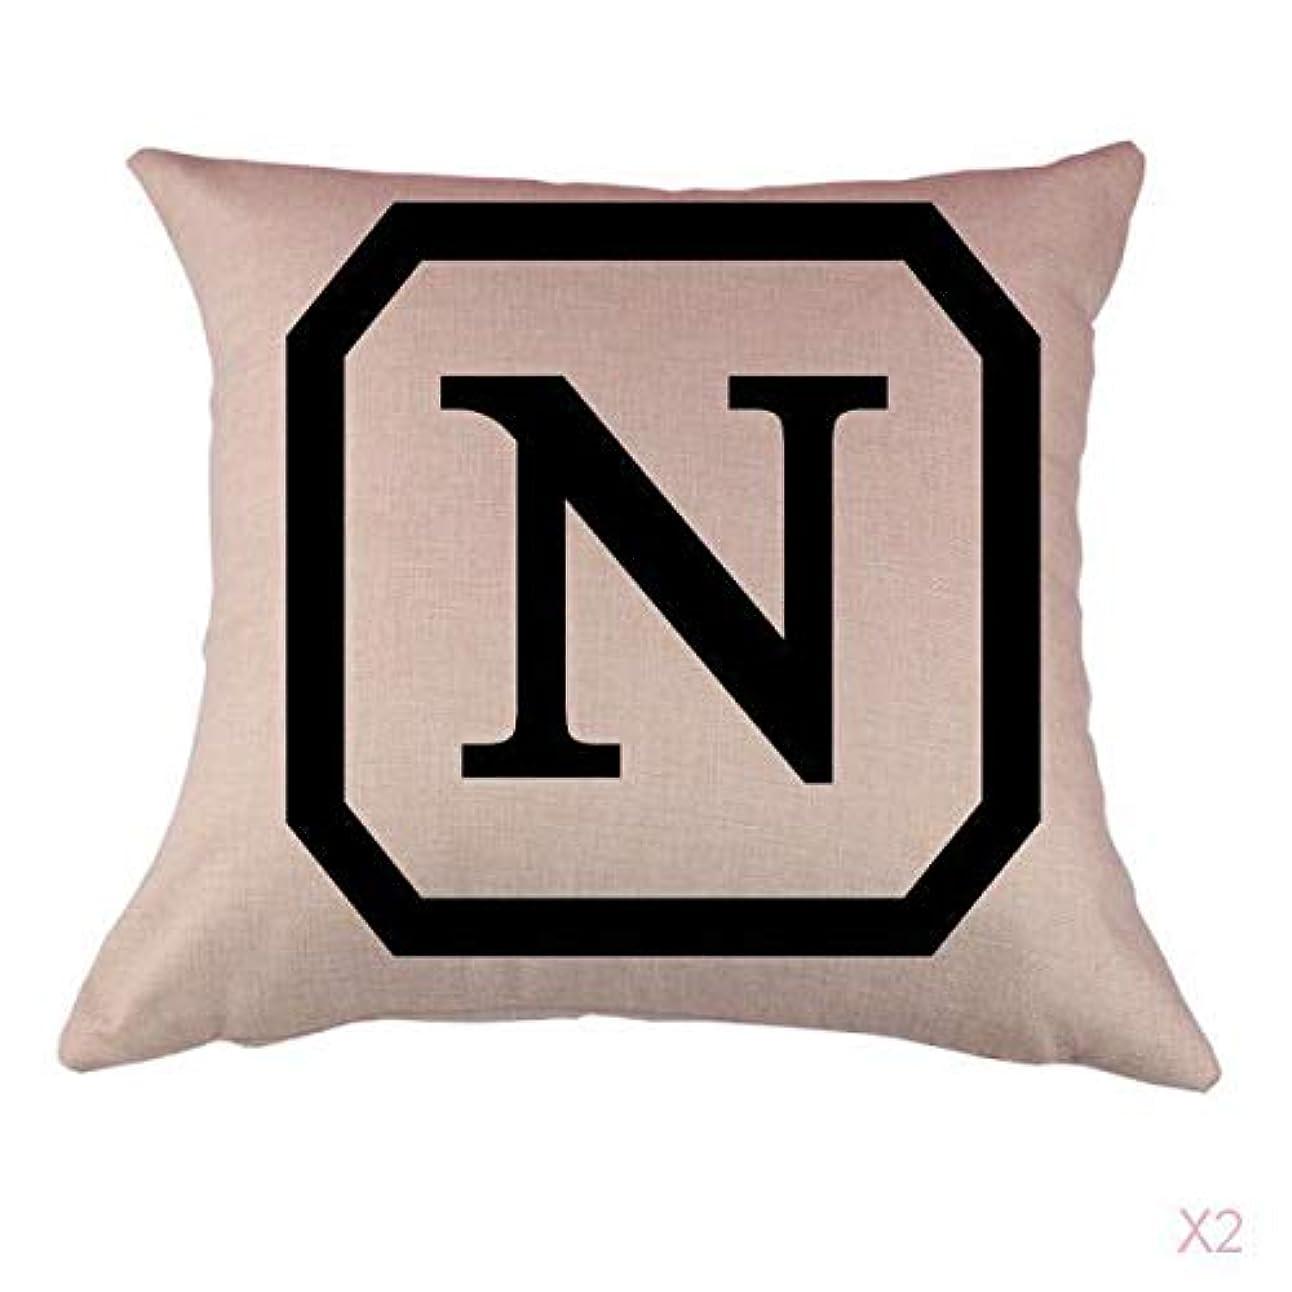 計算可能可能にする習熟度コットンリネンスロー枕カバークッションカバー家の装飾頭文字nを